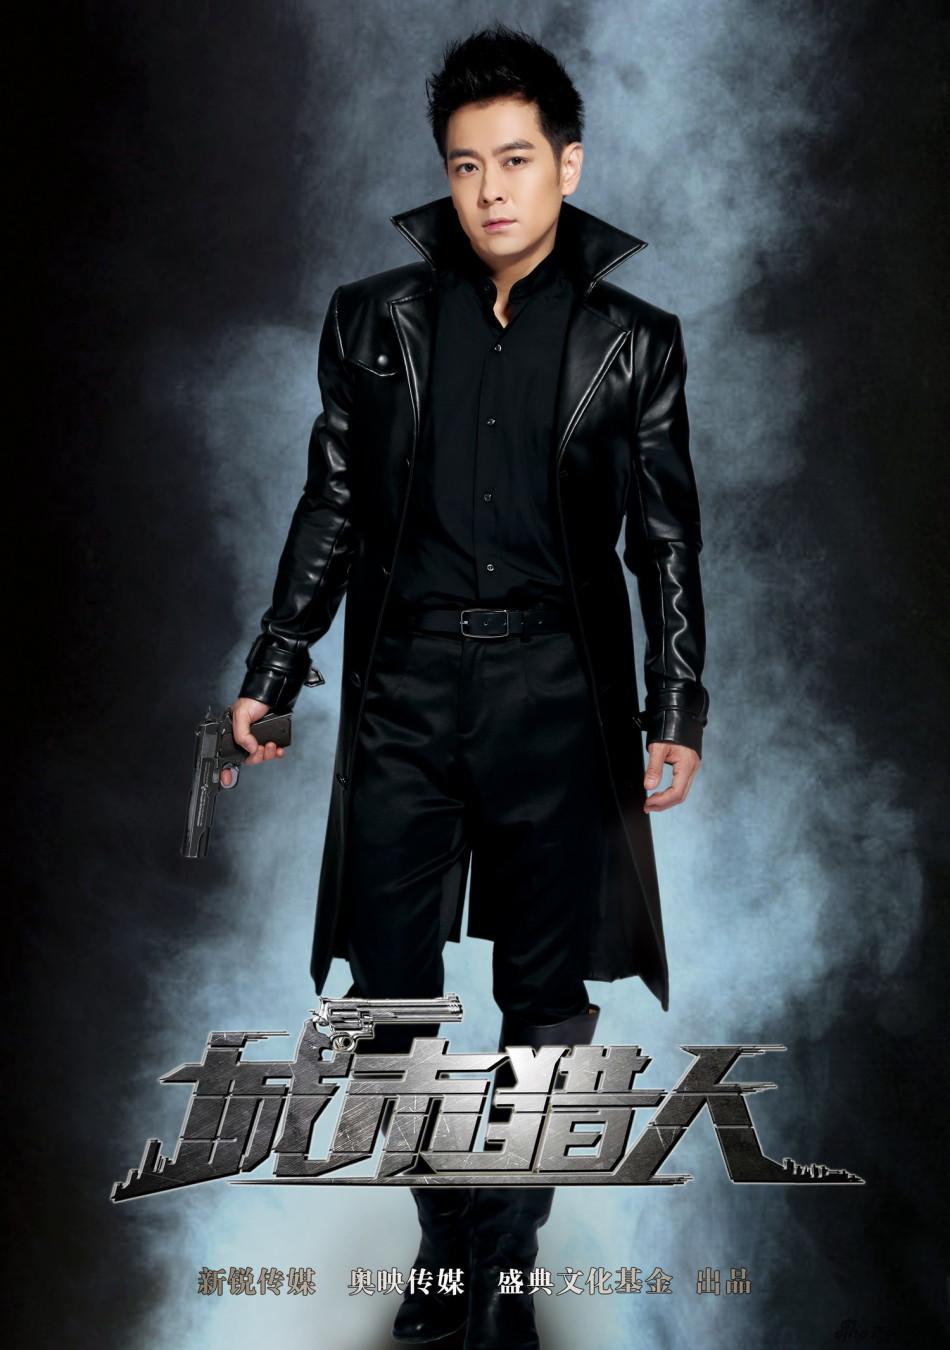 《城市猎人(林志颖)》电视剧全集在线观看_西瓜影音_天狼影视